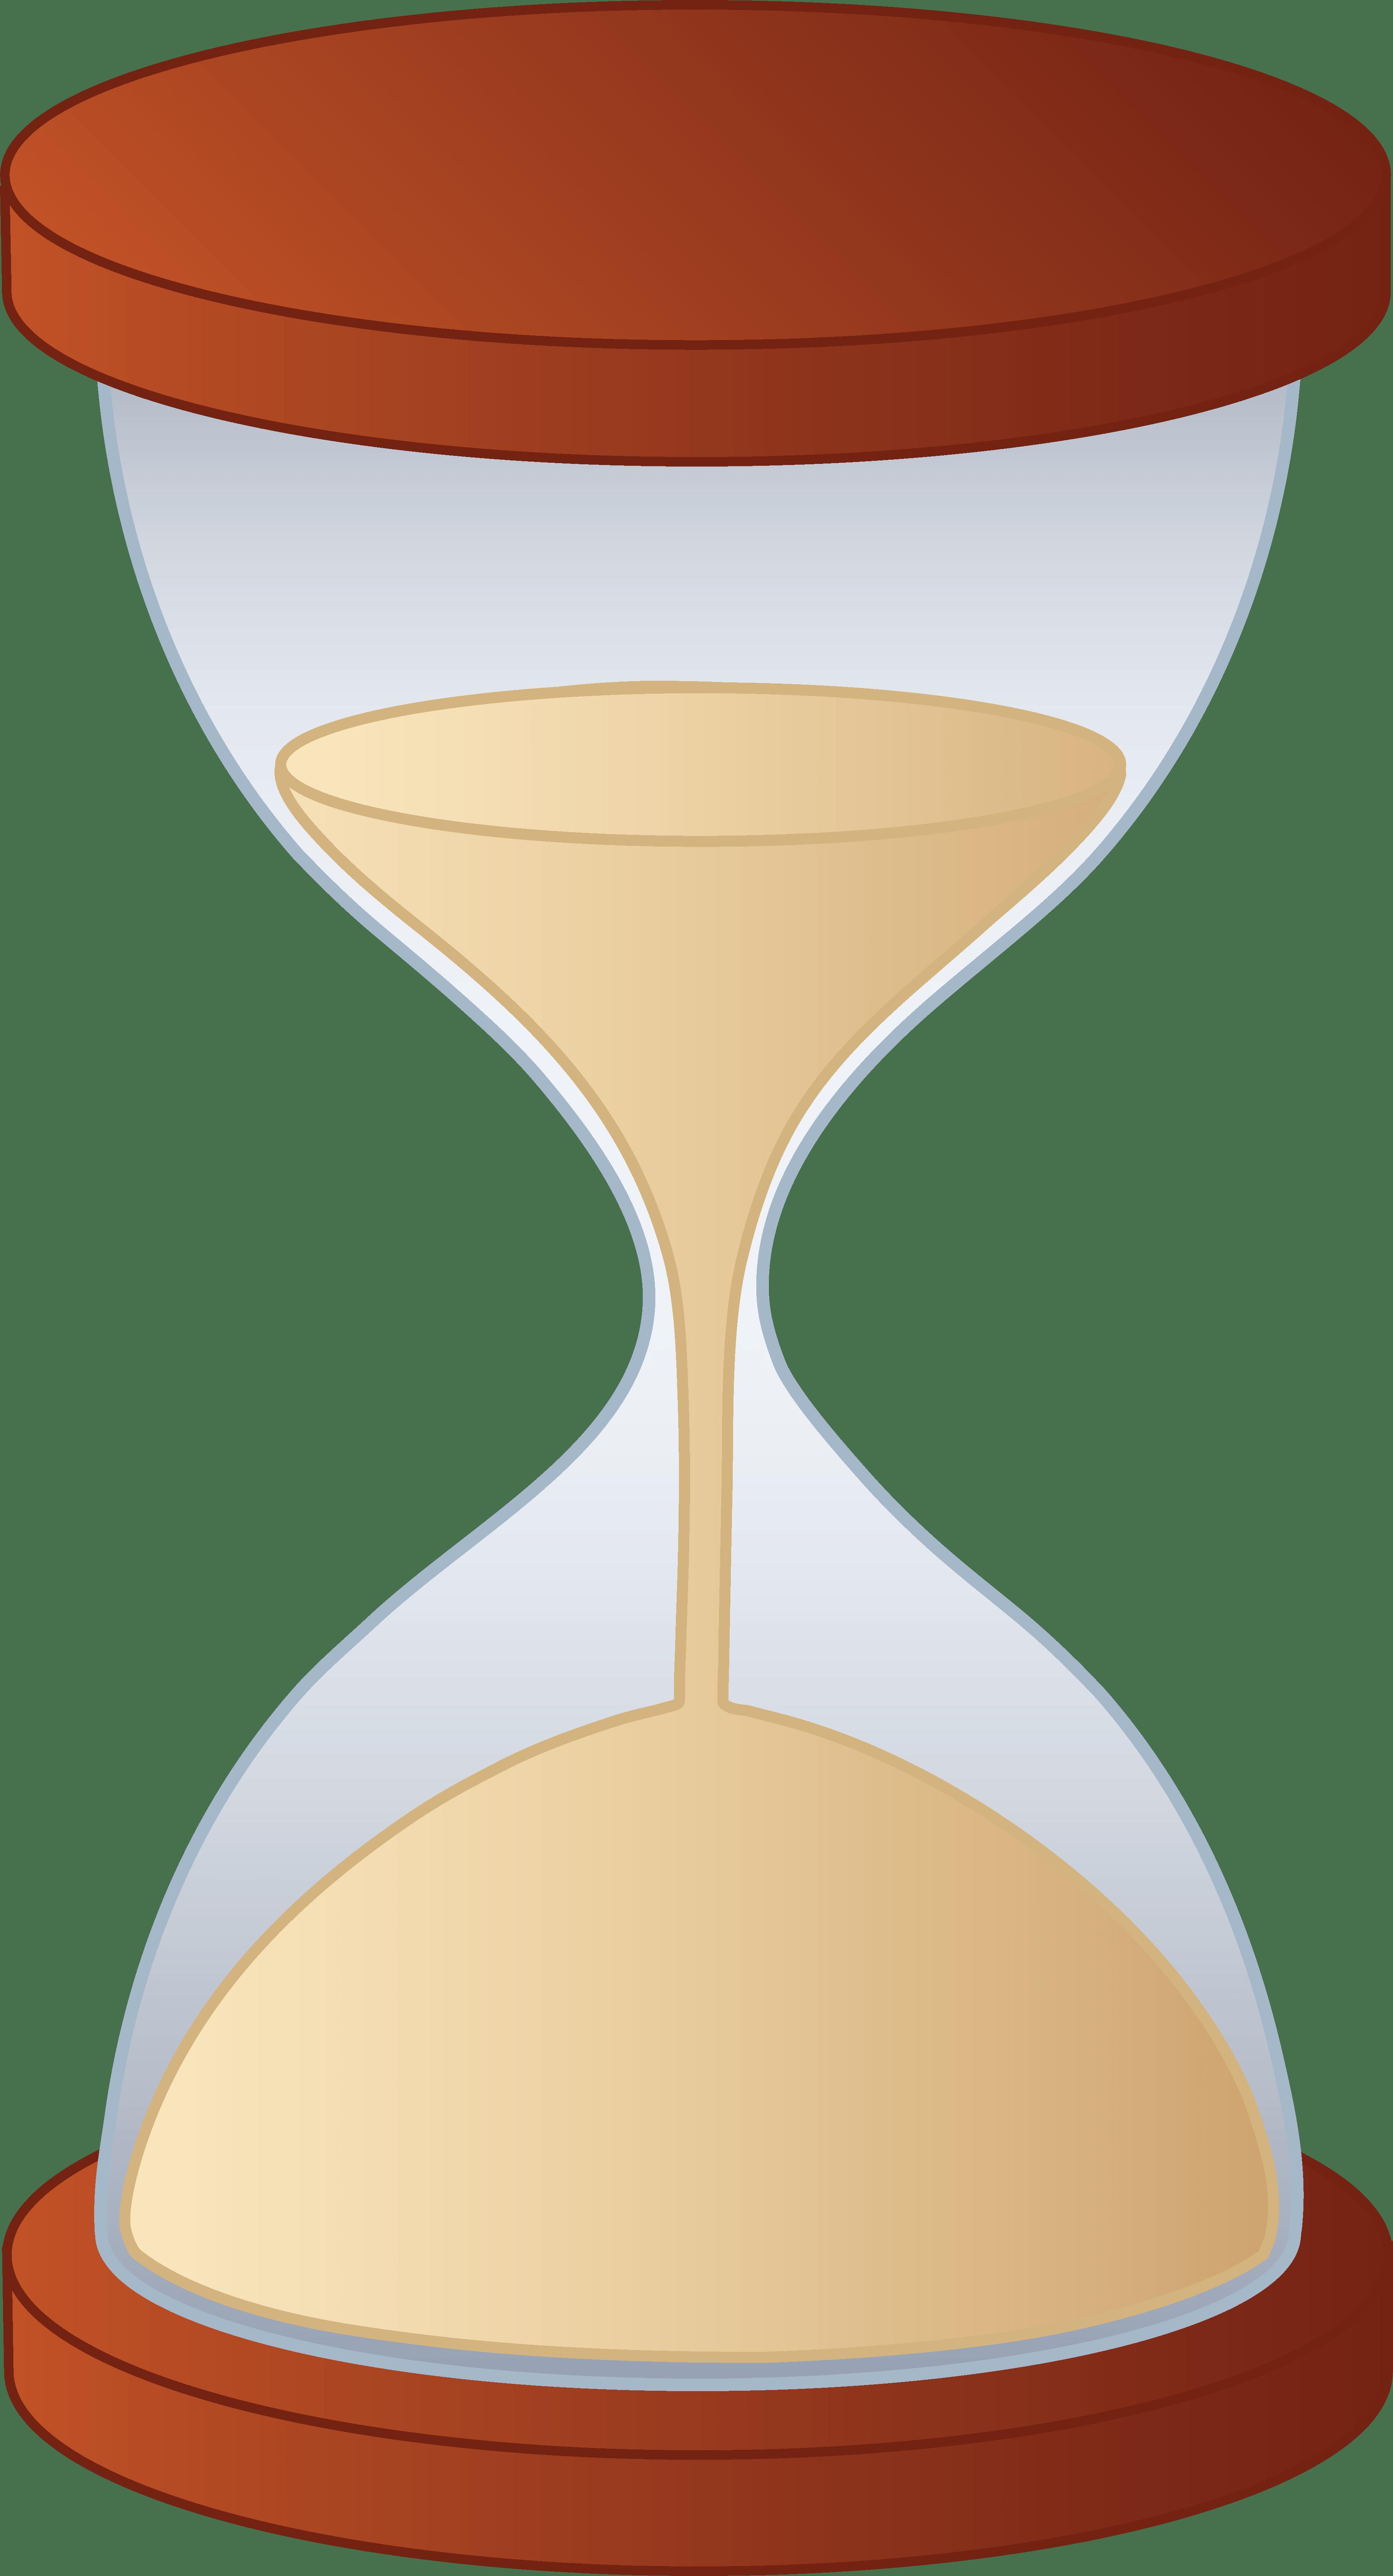 Egg timer clip art. Hourglass clipart cartoon